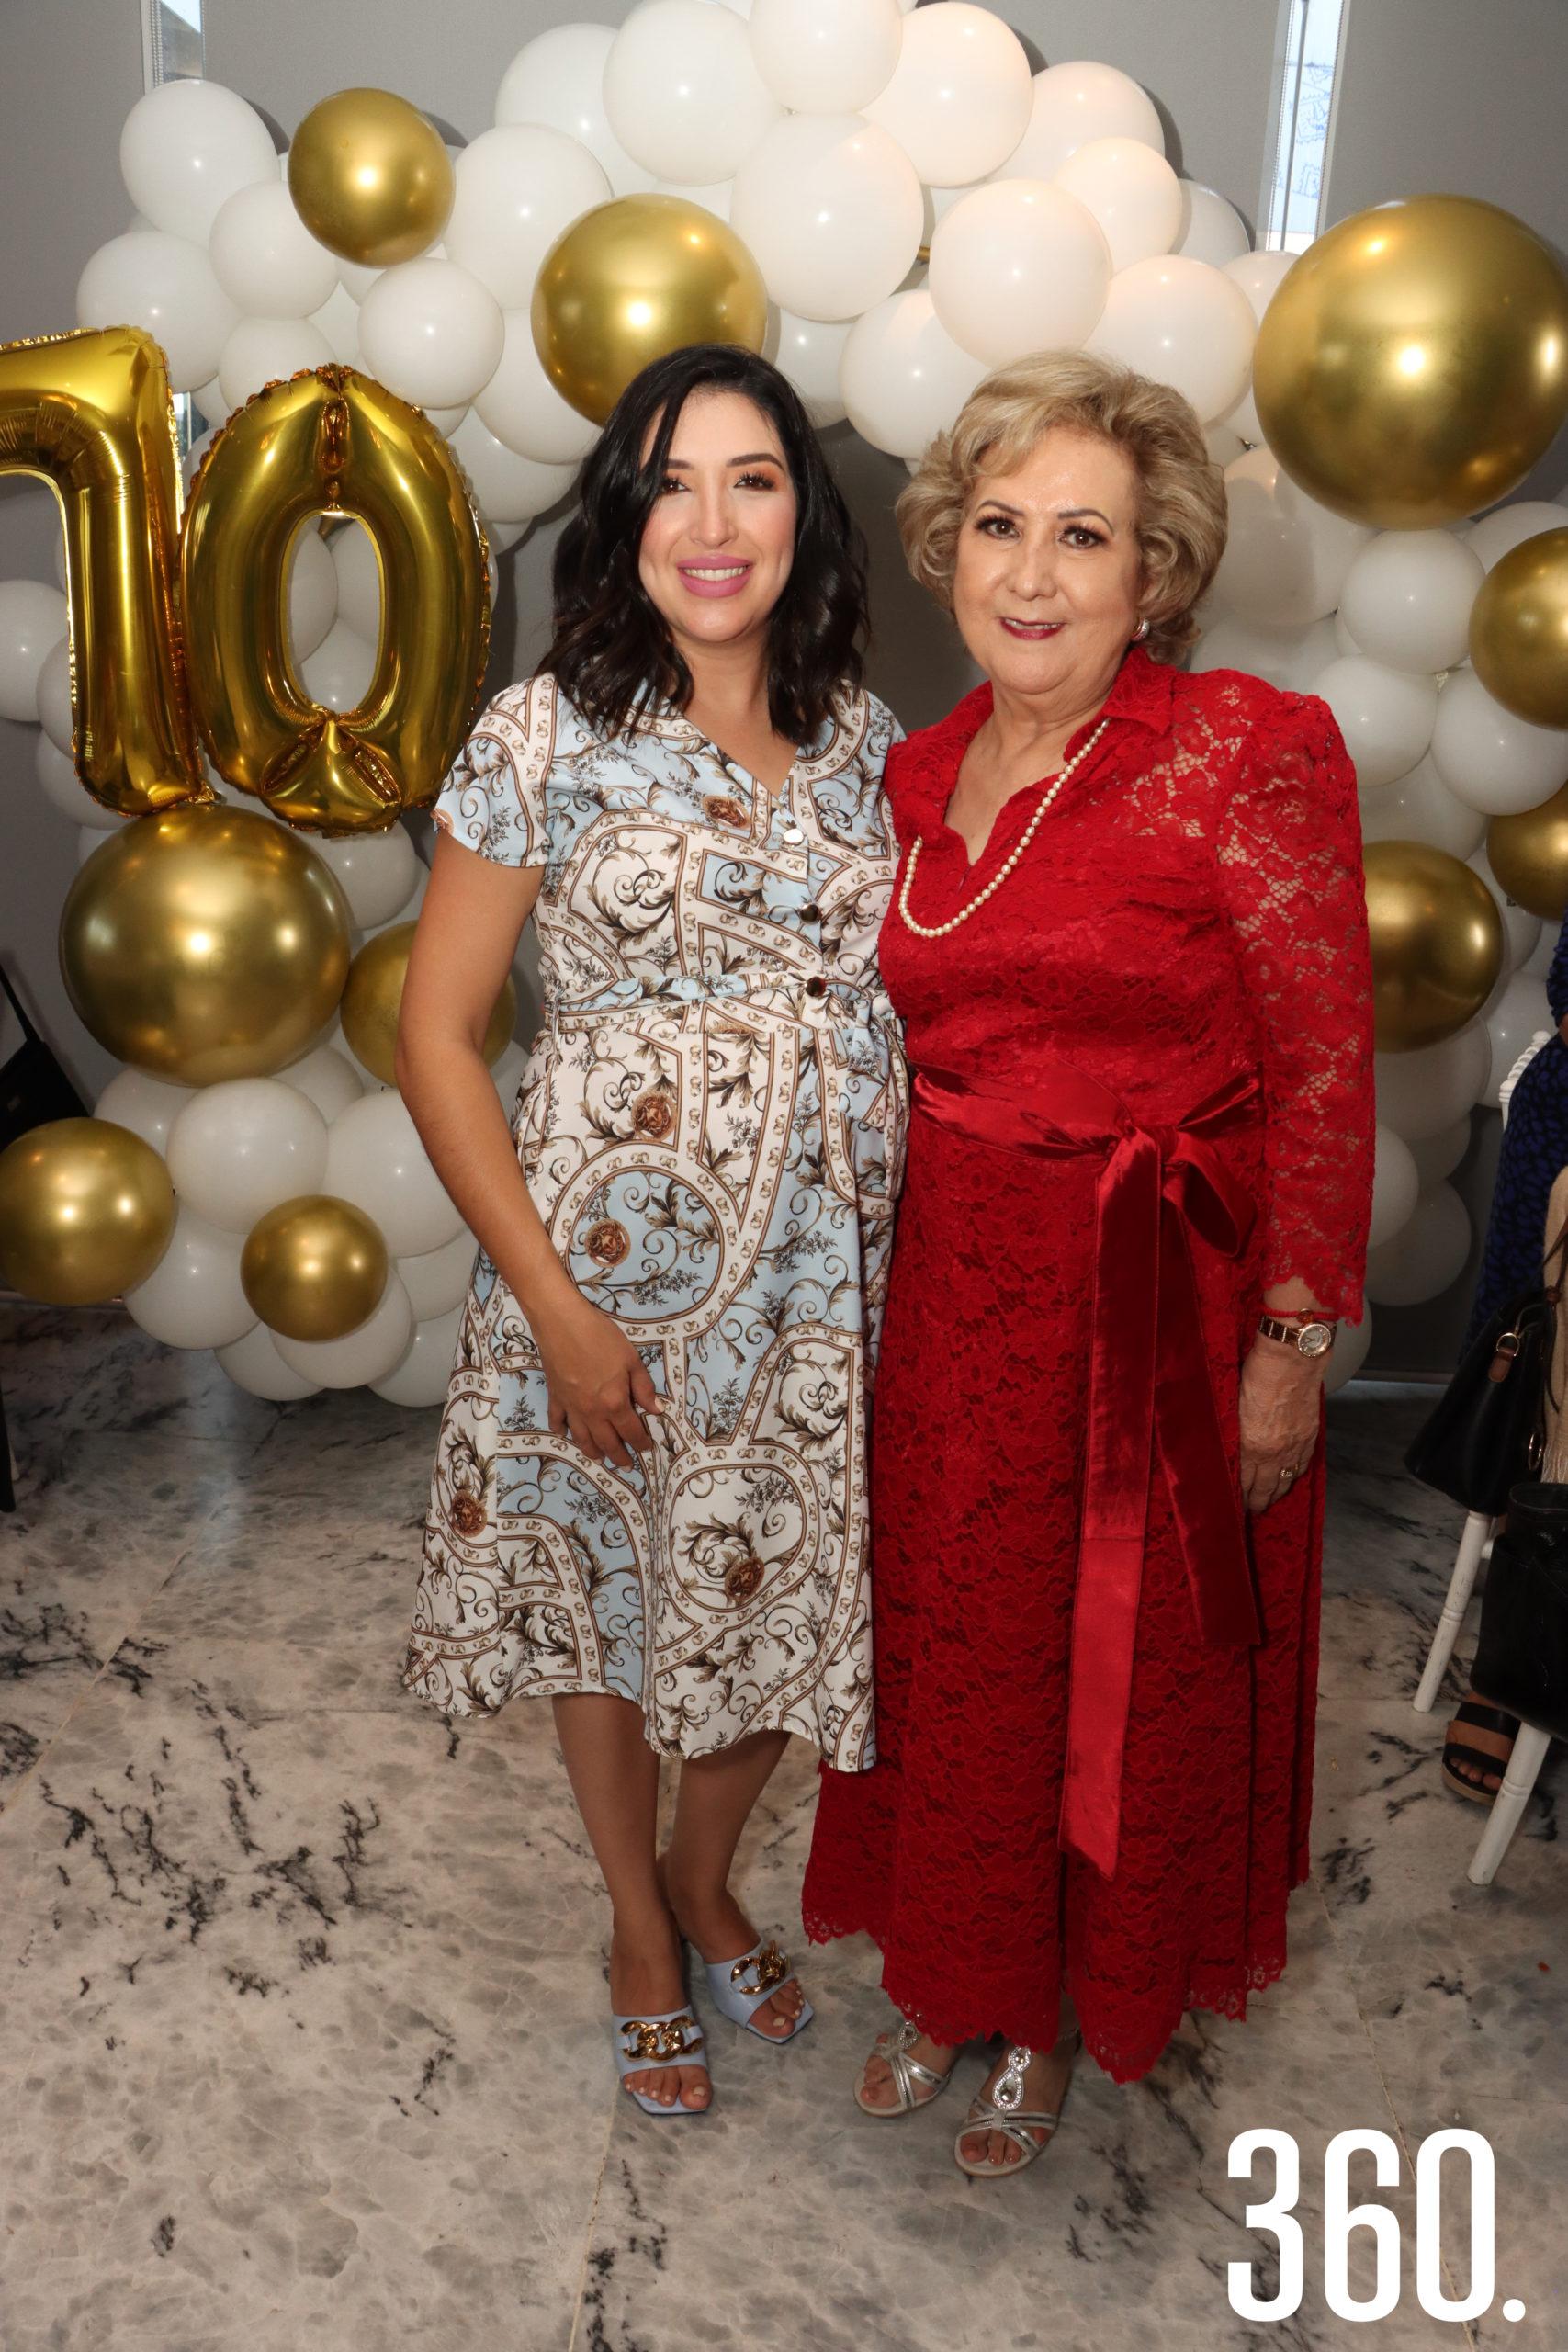 Margarita Treviño de López organizó el festejó para su suegra Mina Garza Recio por sus siete décadas de vida.